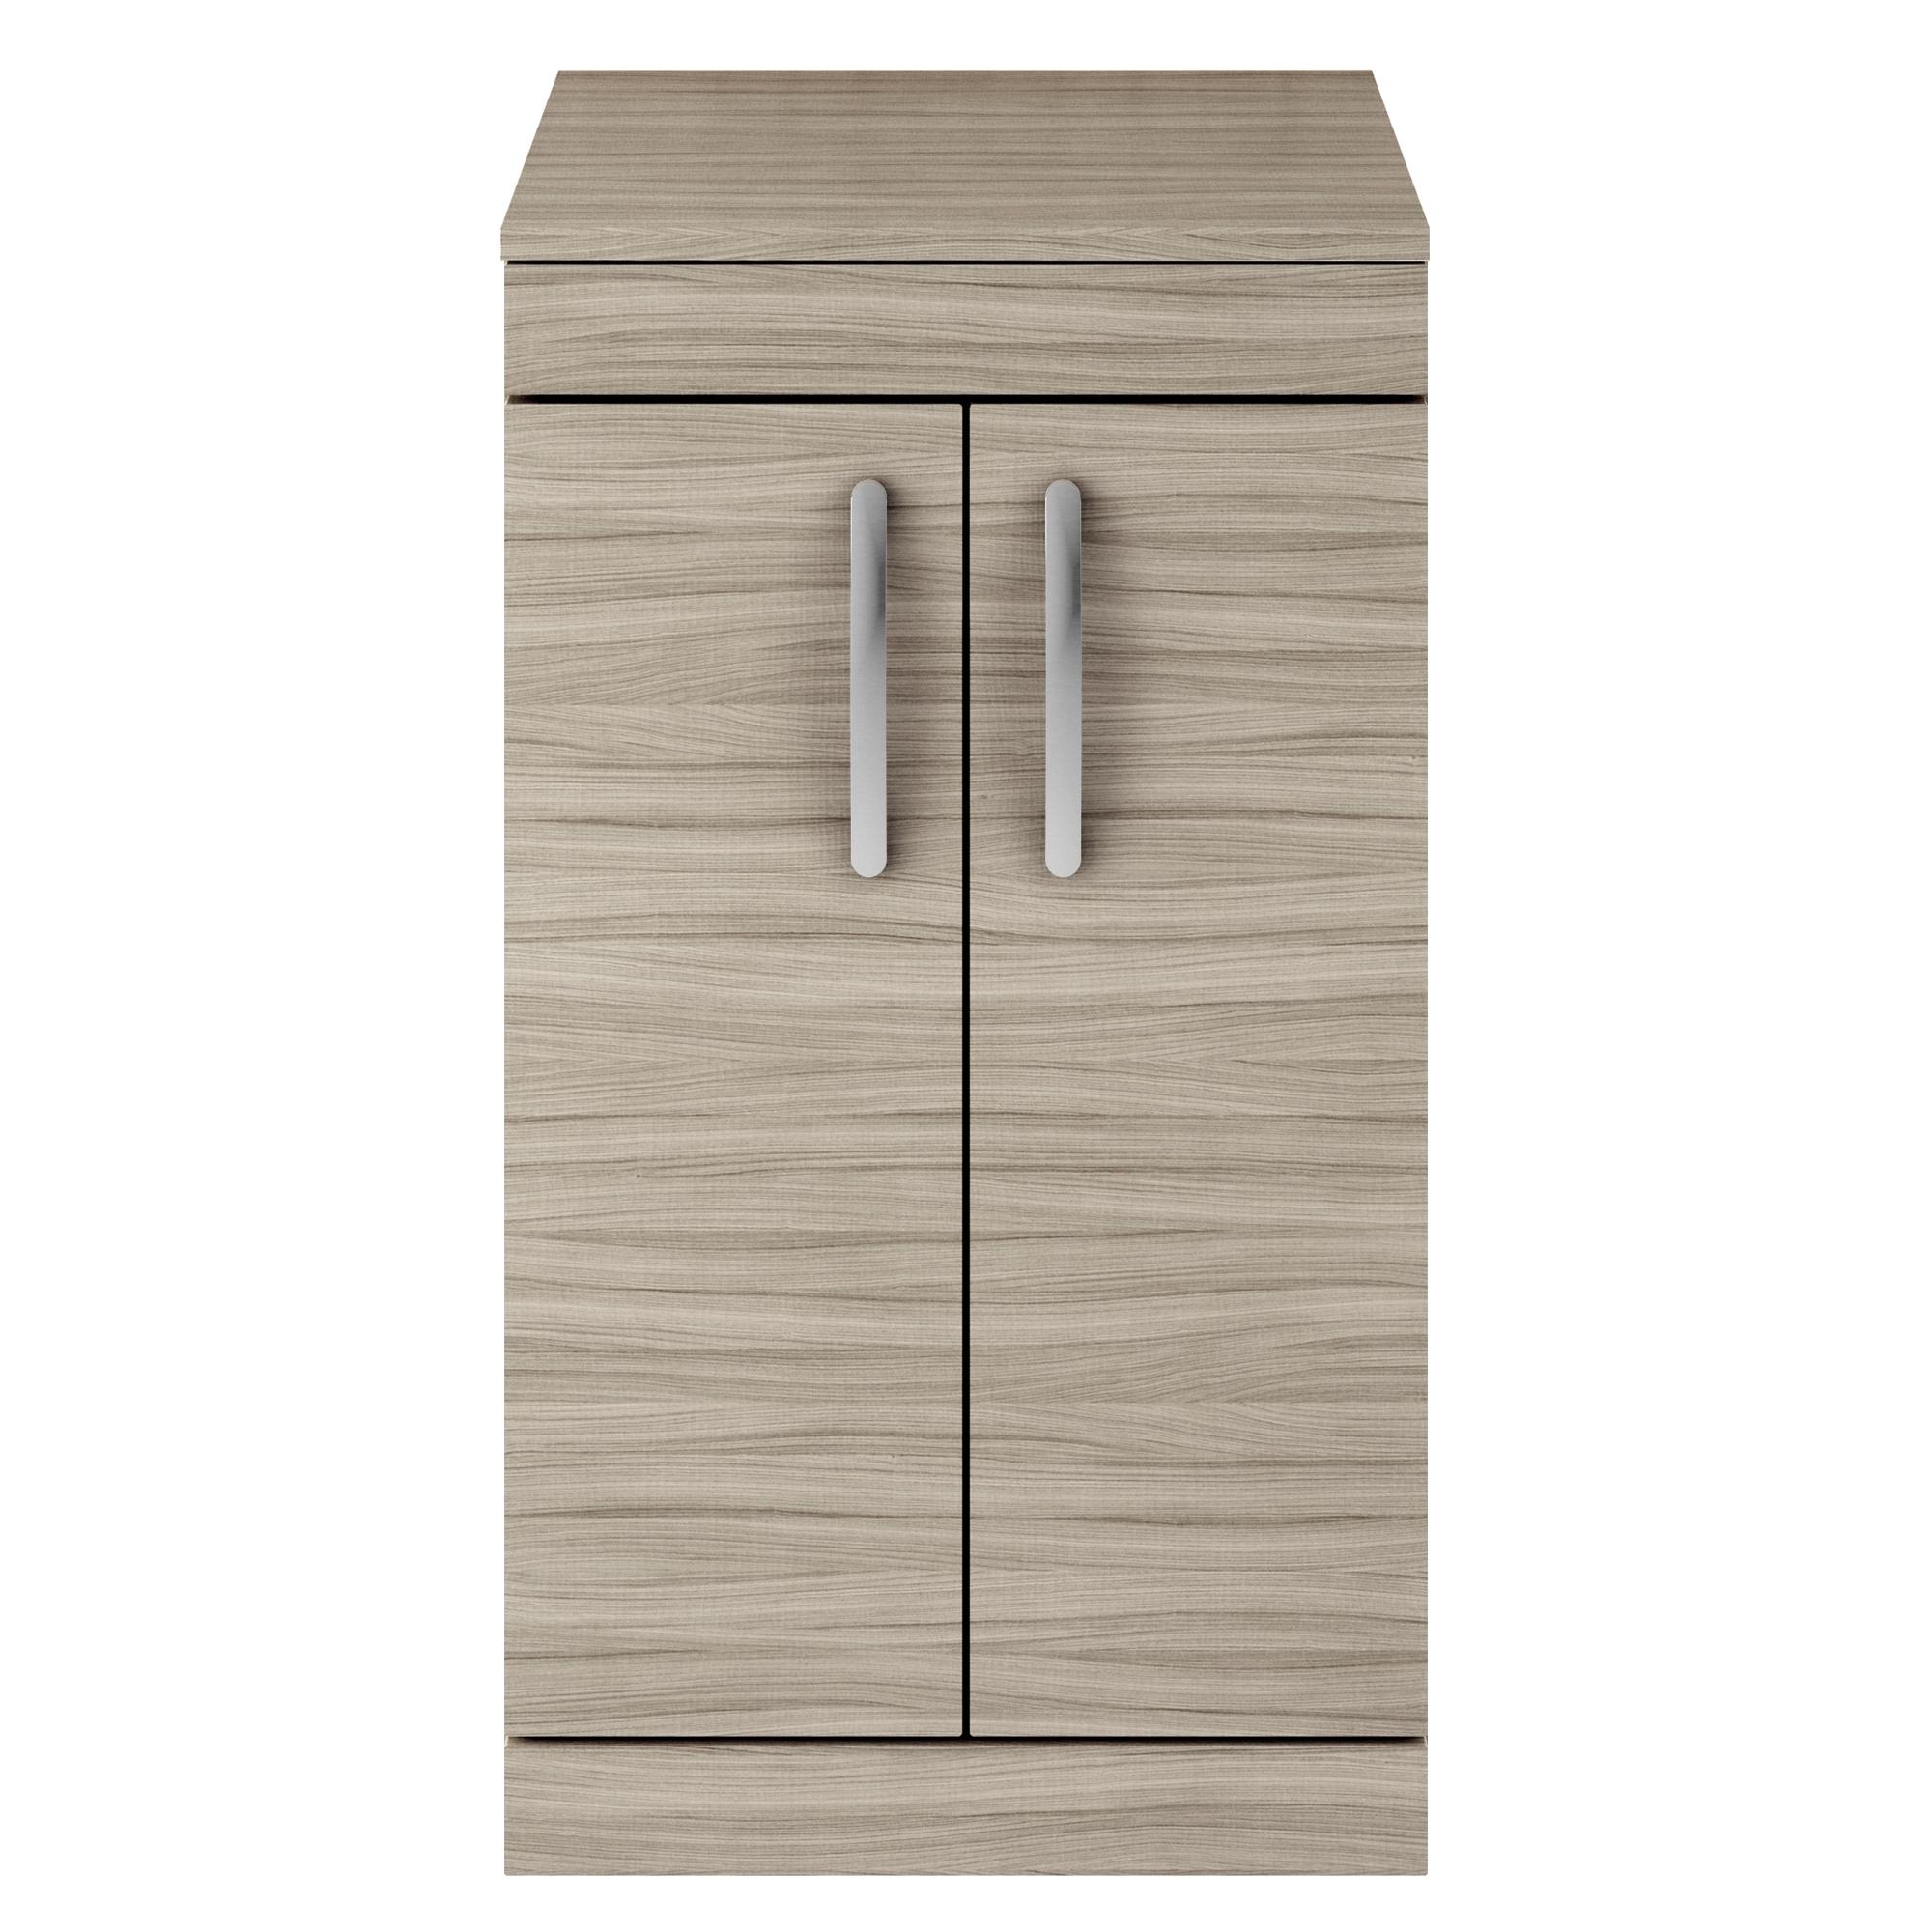 Premier Athena Floor Standing 2-Door Vanity Unit and Worktop 500mm Wide - Driftwood